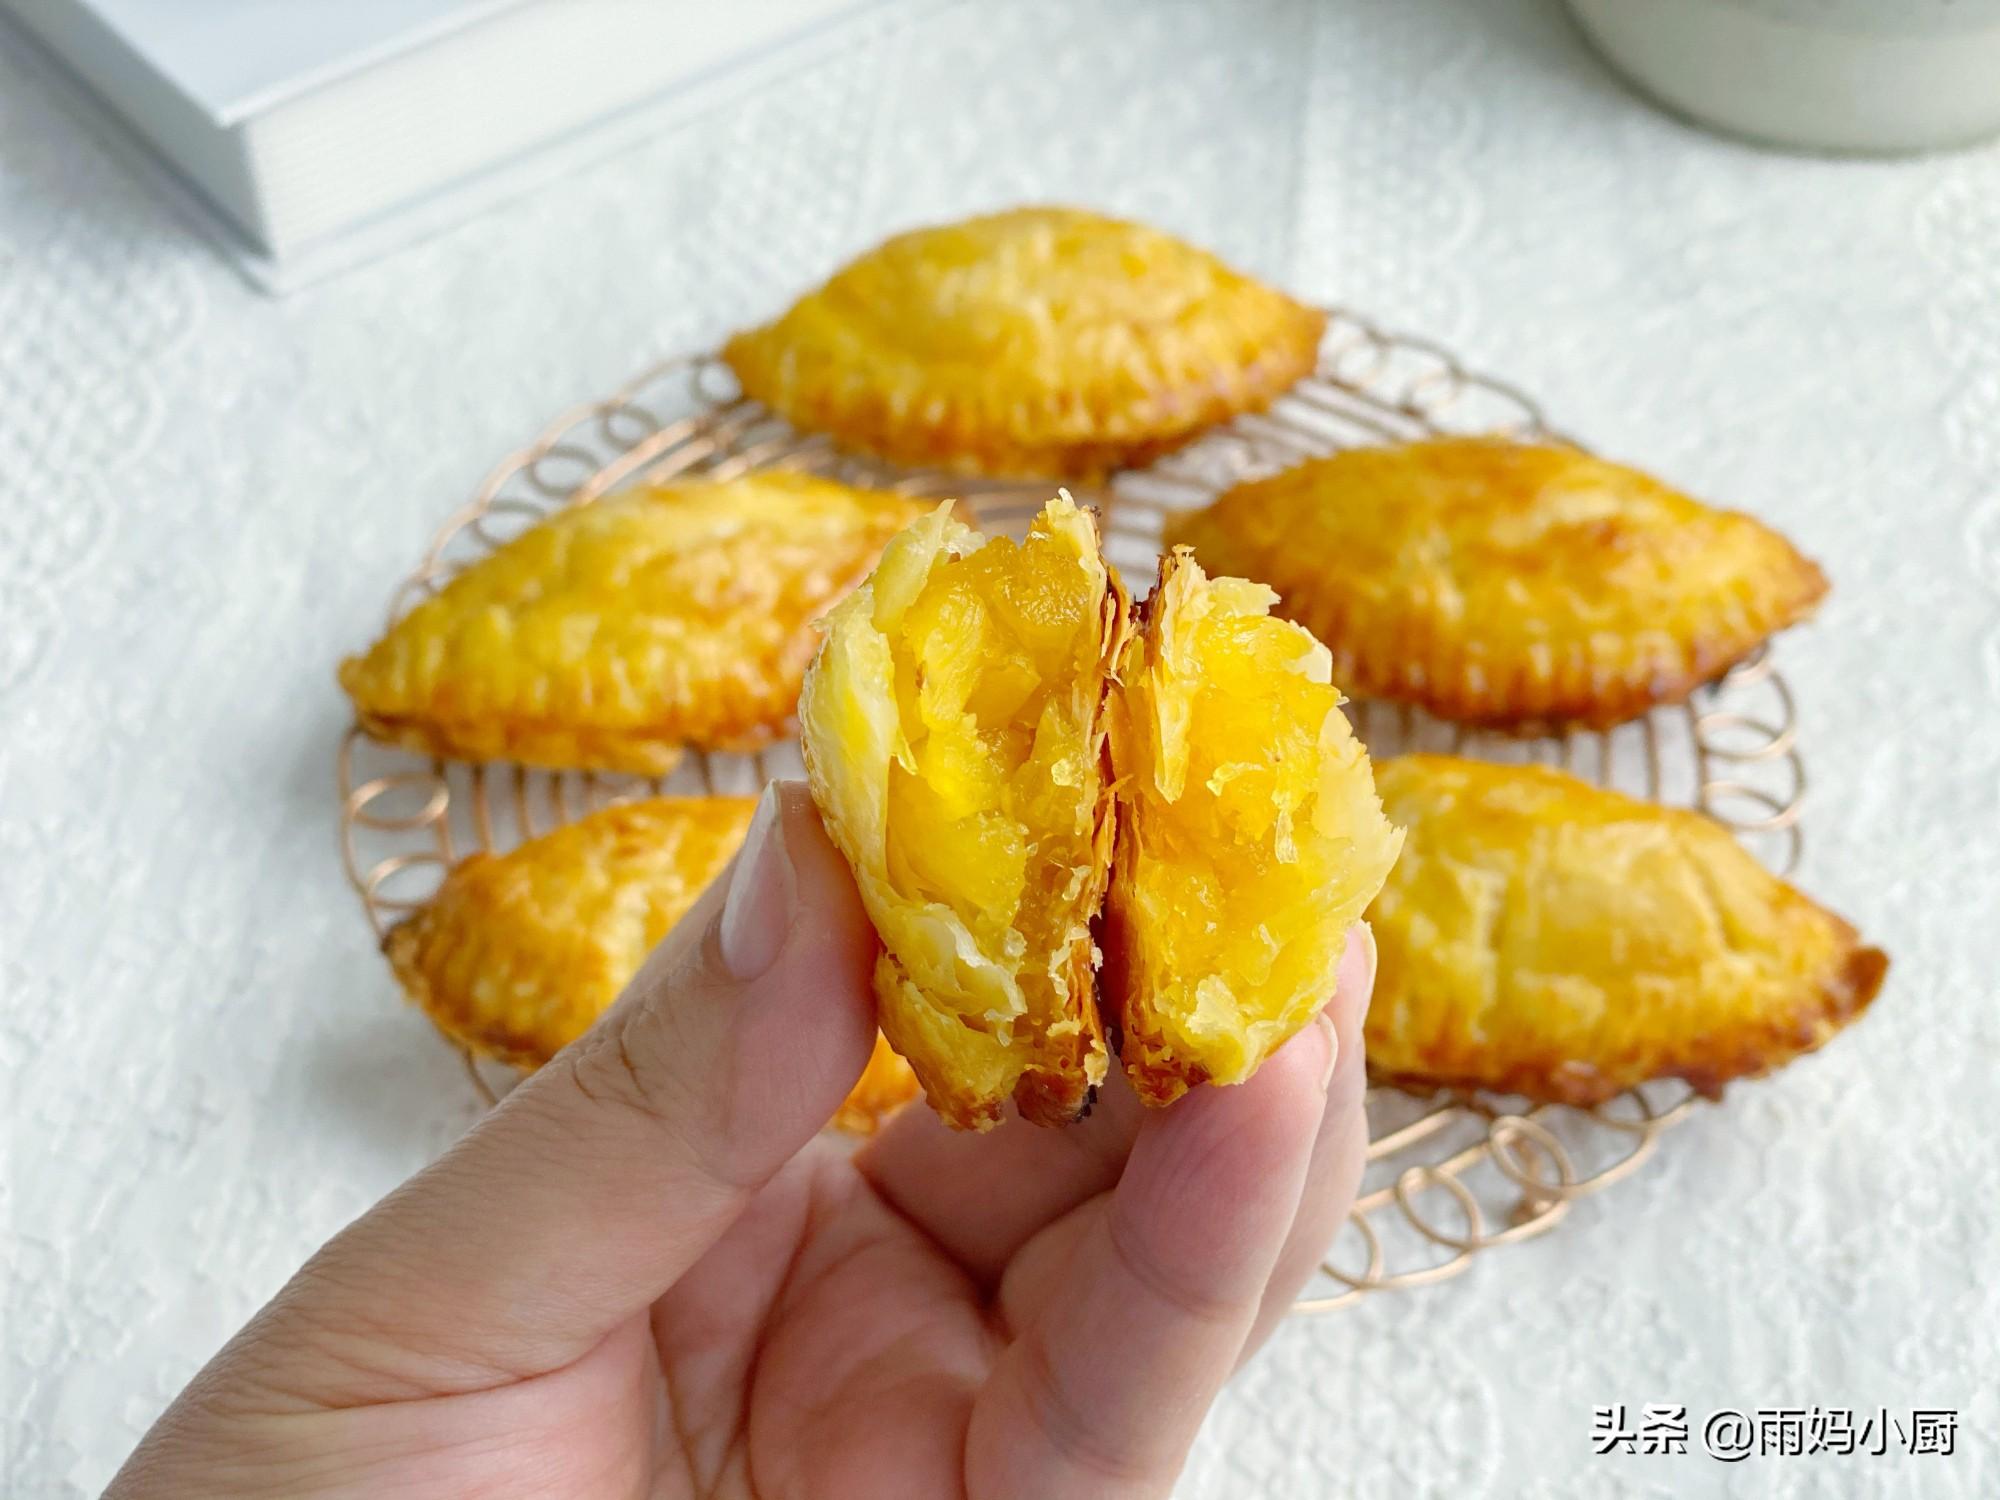 香酥掉渣的菠蘿酥,用蛋撻皮就能做,外酥里香,懶人一看也會做